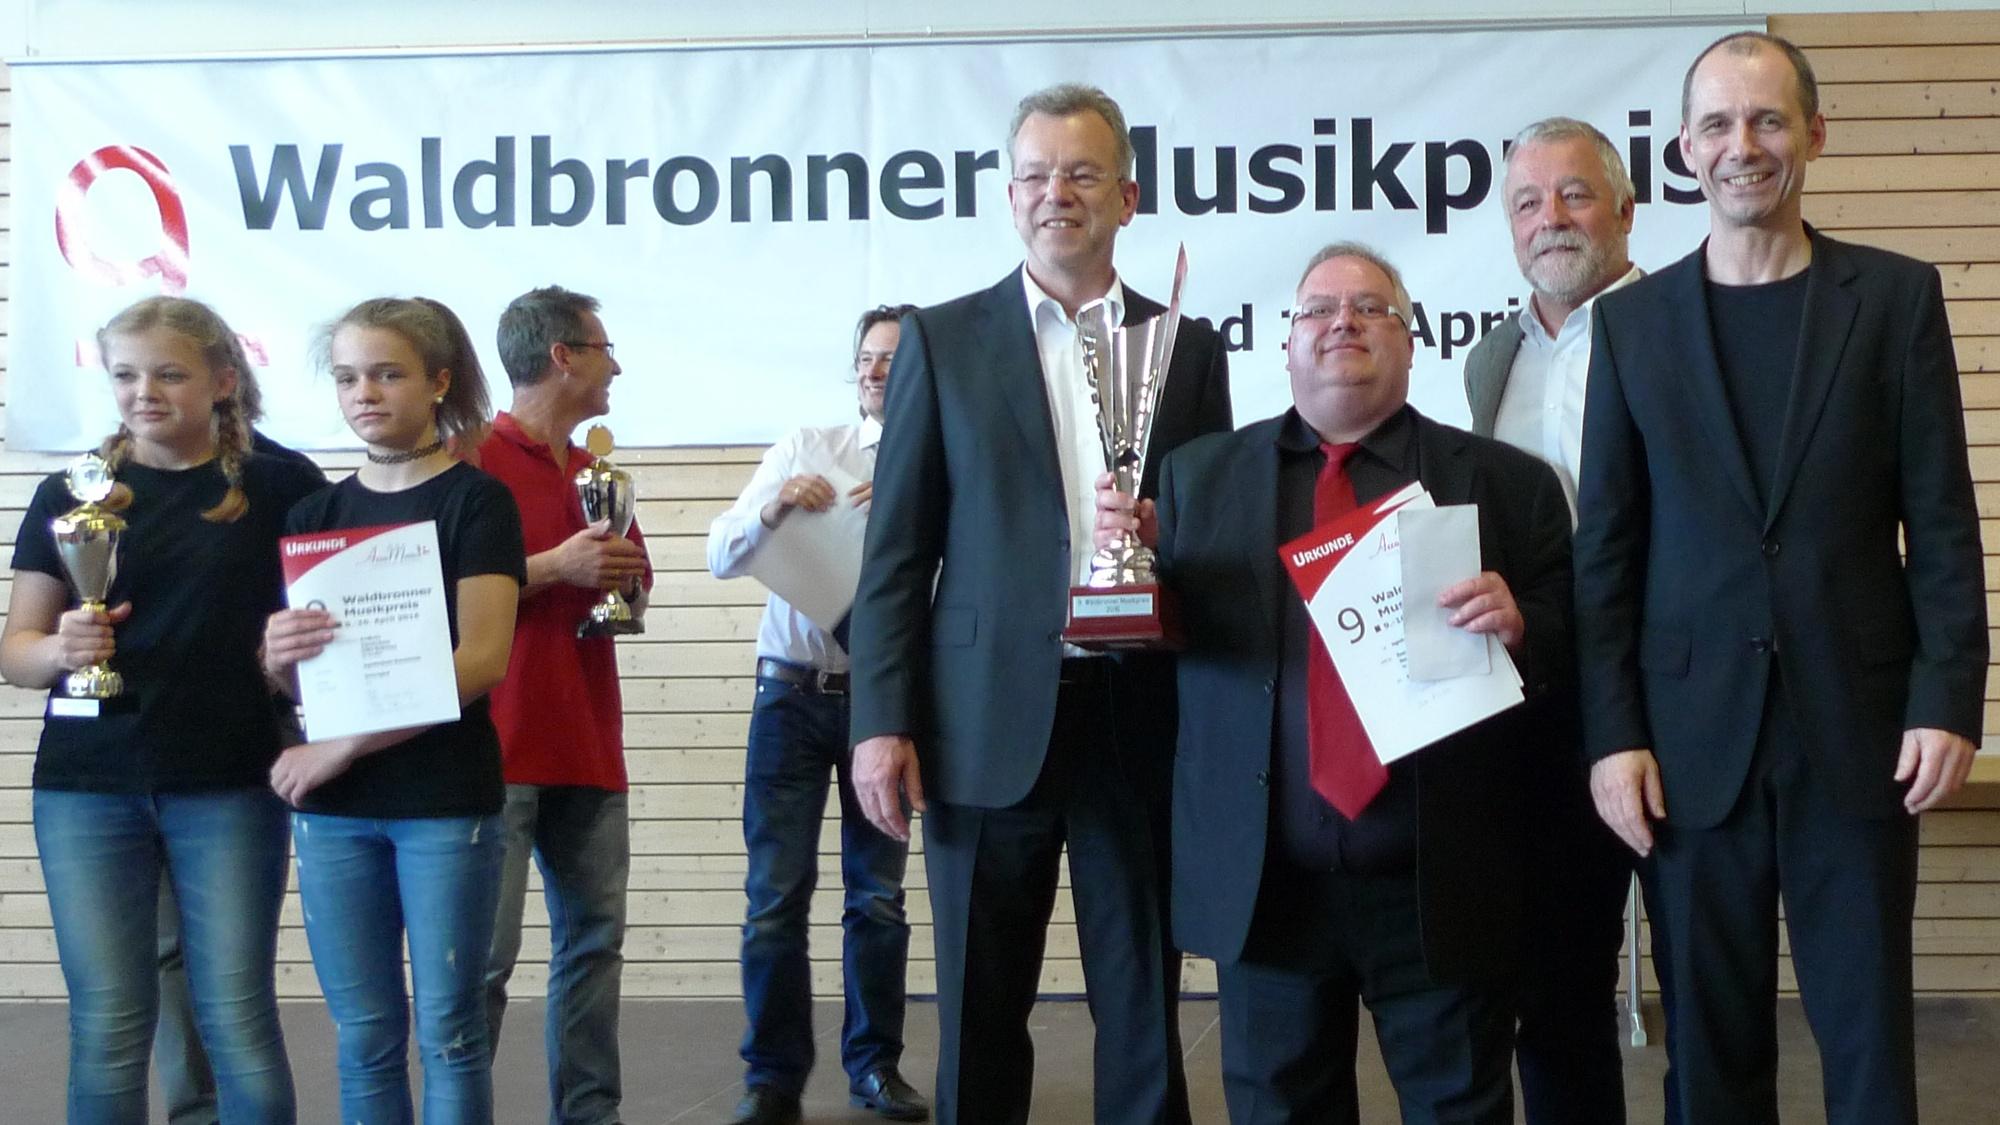 Herzlichen Glückwunsch dem Gewinner des 9. Waldbronner Musikpreises, an den HHC Sulzburg! Von rechts: Uwe Müller, Franz Masino (Bürgermeister Waldbronn), Michael Huck (Dirigent HHC Sulzburg), Thomas Lehmann